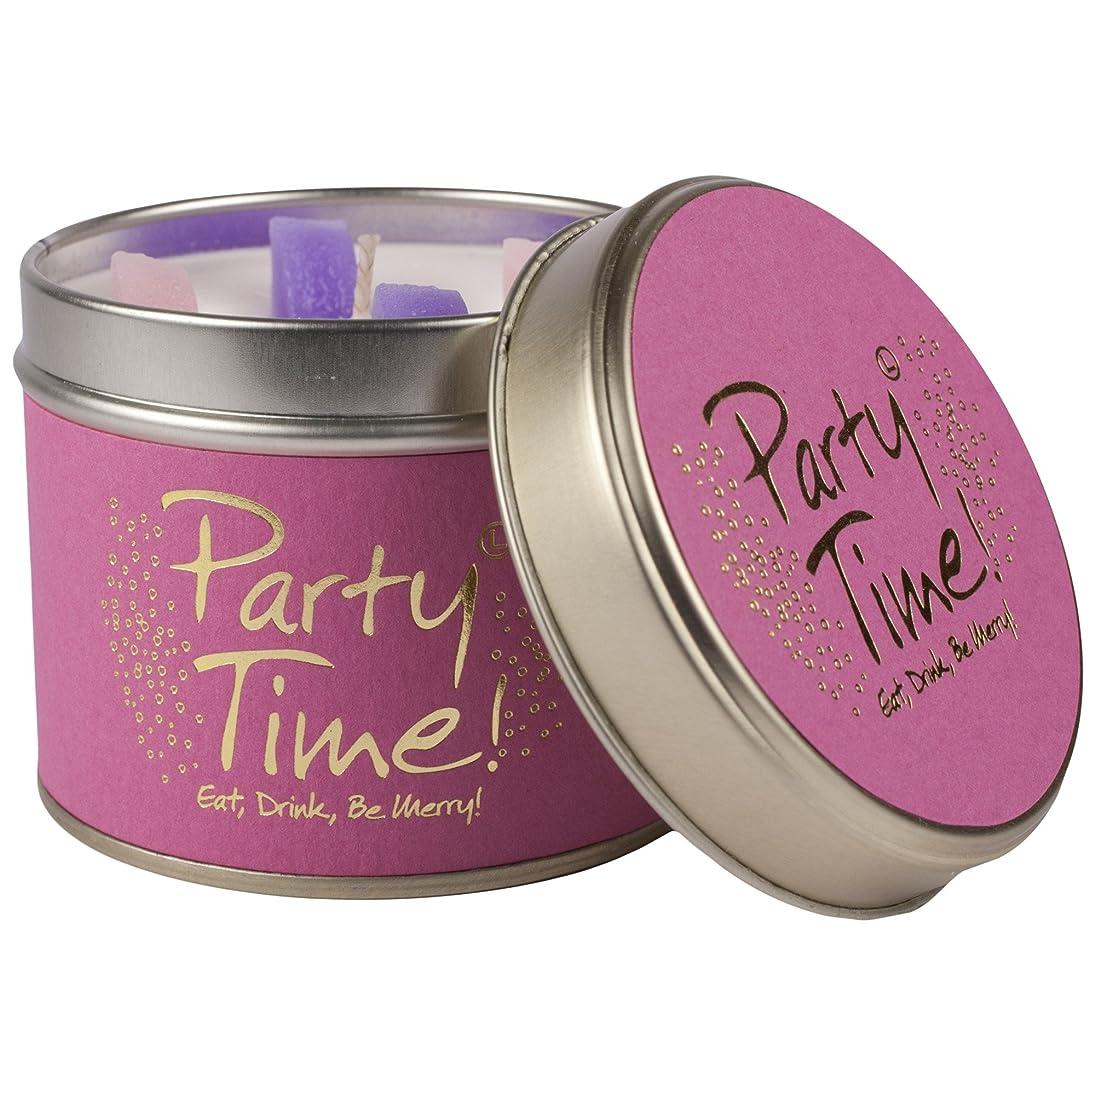 マチュピチュスピリチュアル近くLily-Flame Party Time Scented Candle Tin (Pack of 2) - ユリ炎パーティーの時間香りのキャンドルスズ (Lily-Flame) (x2) [並行輸入品]